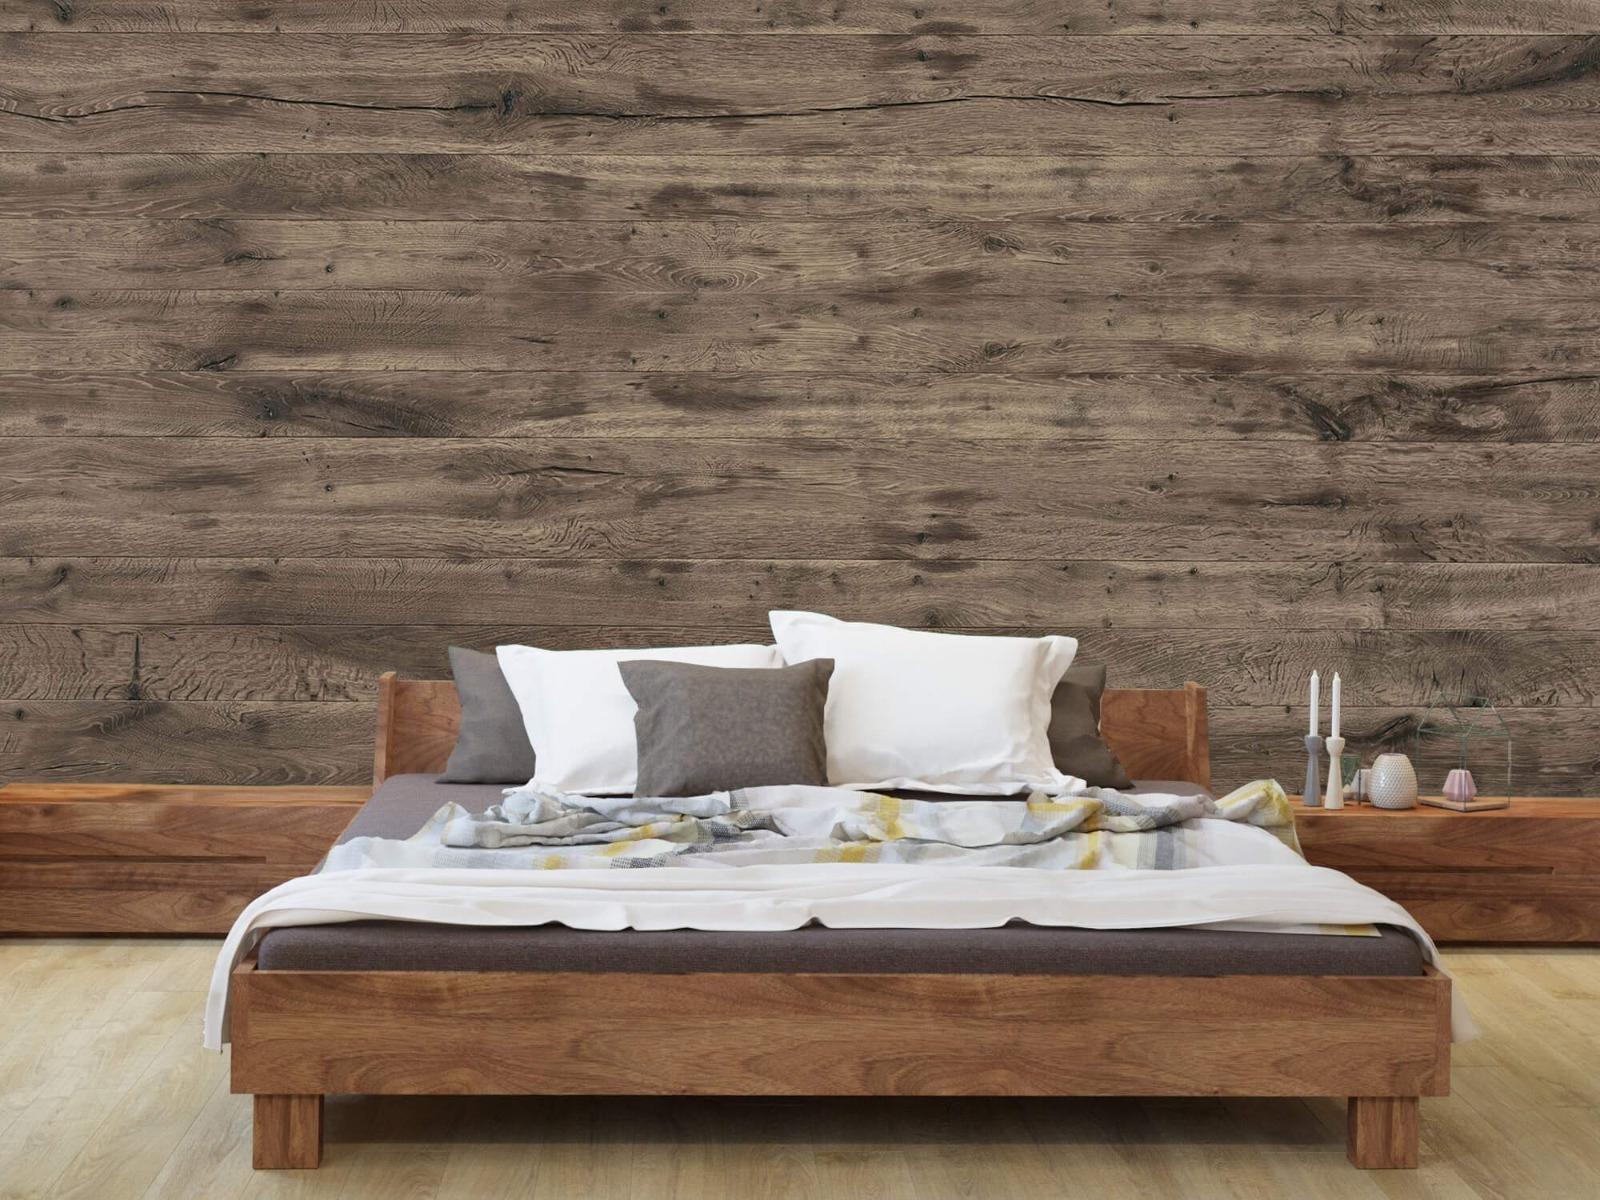 Hout behang - Rustieke houten planken - Garage 8